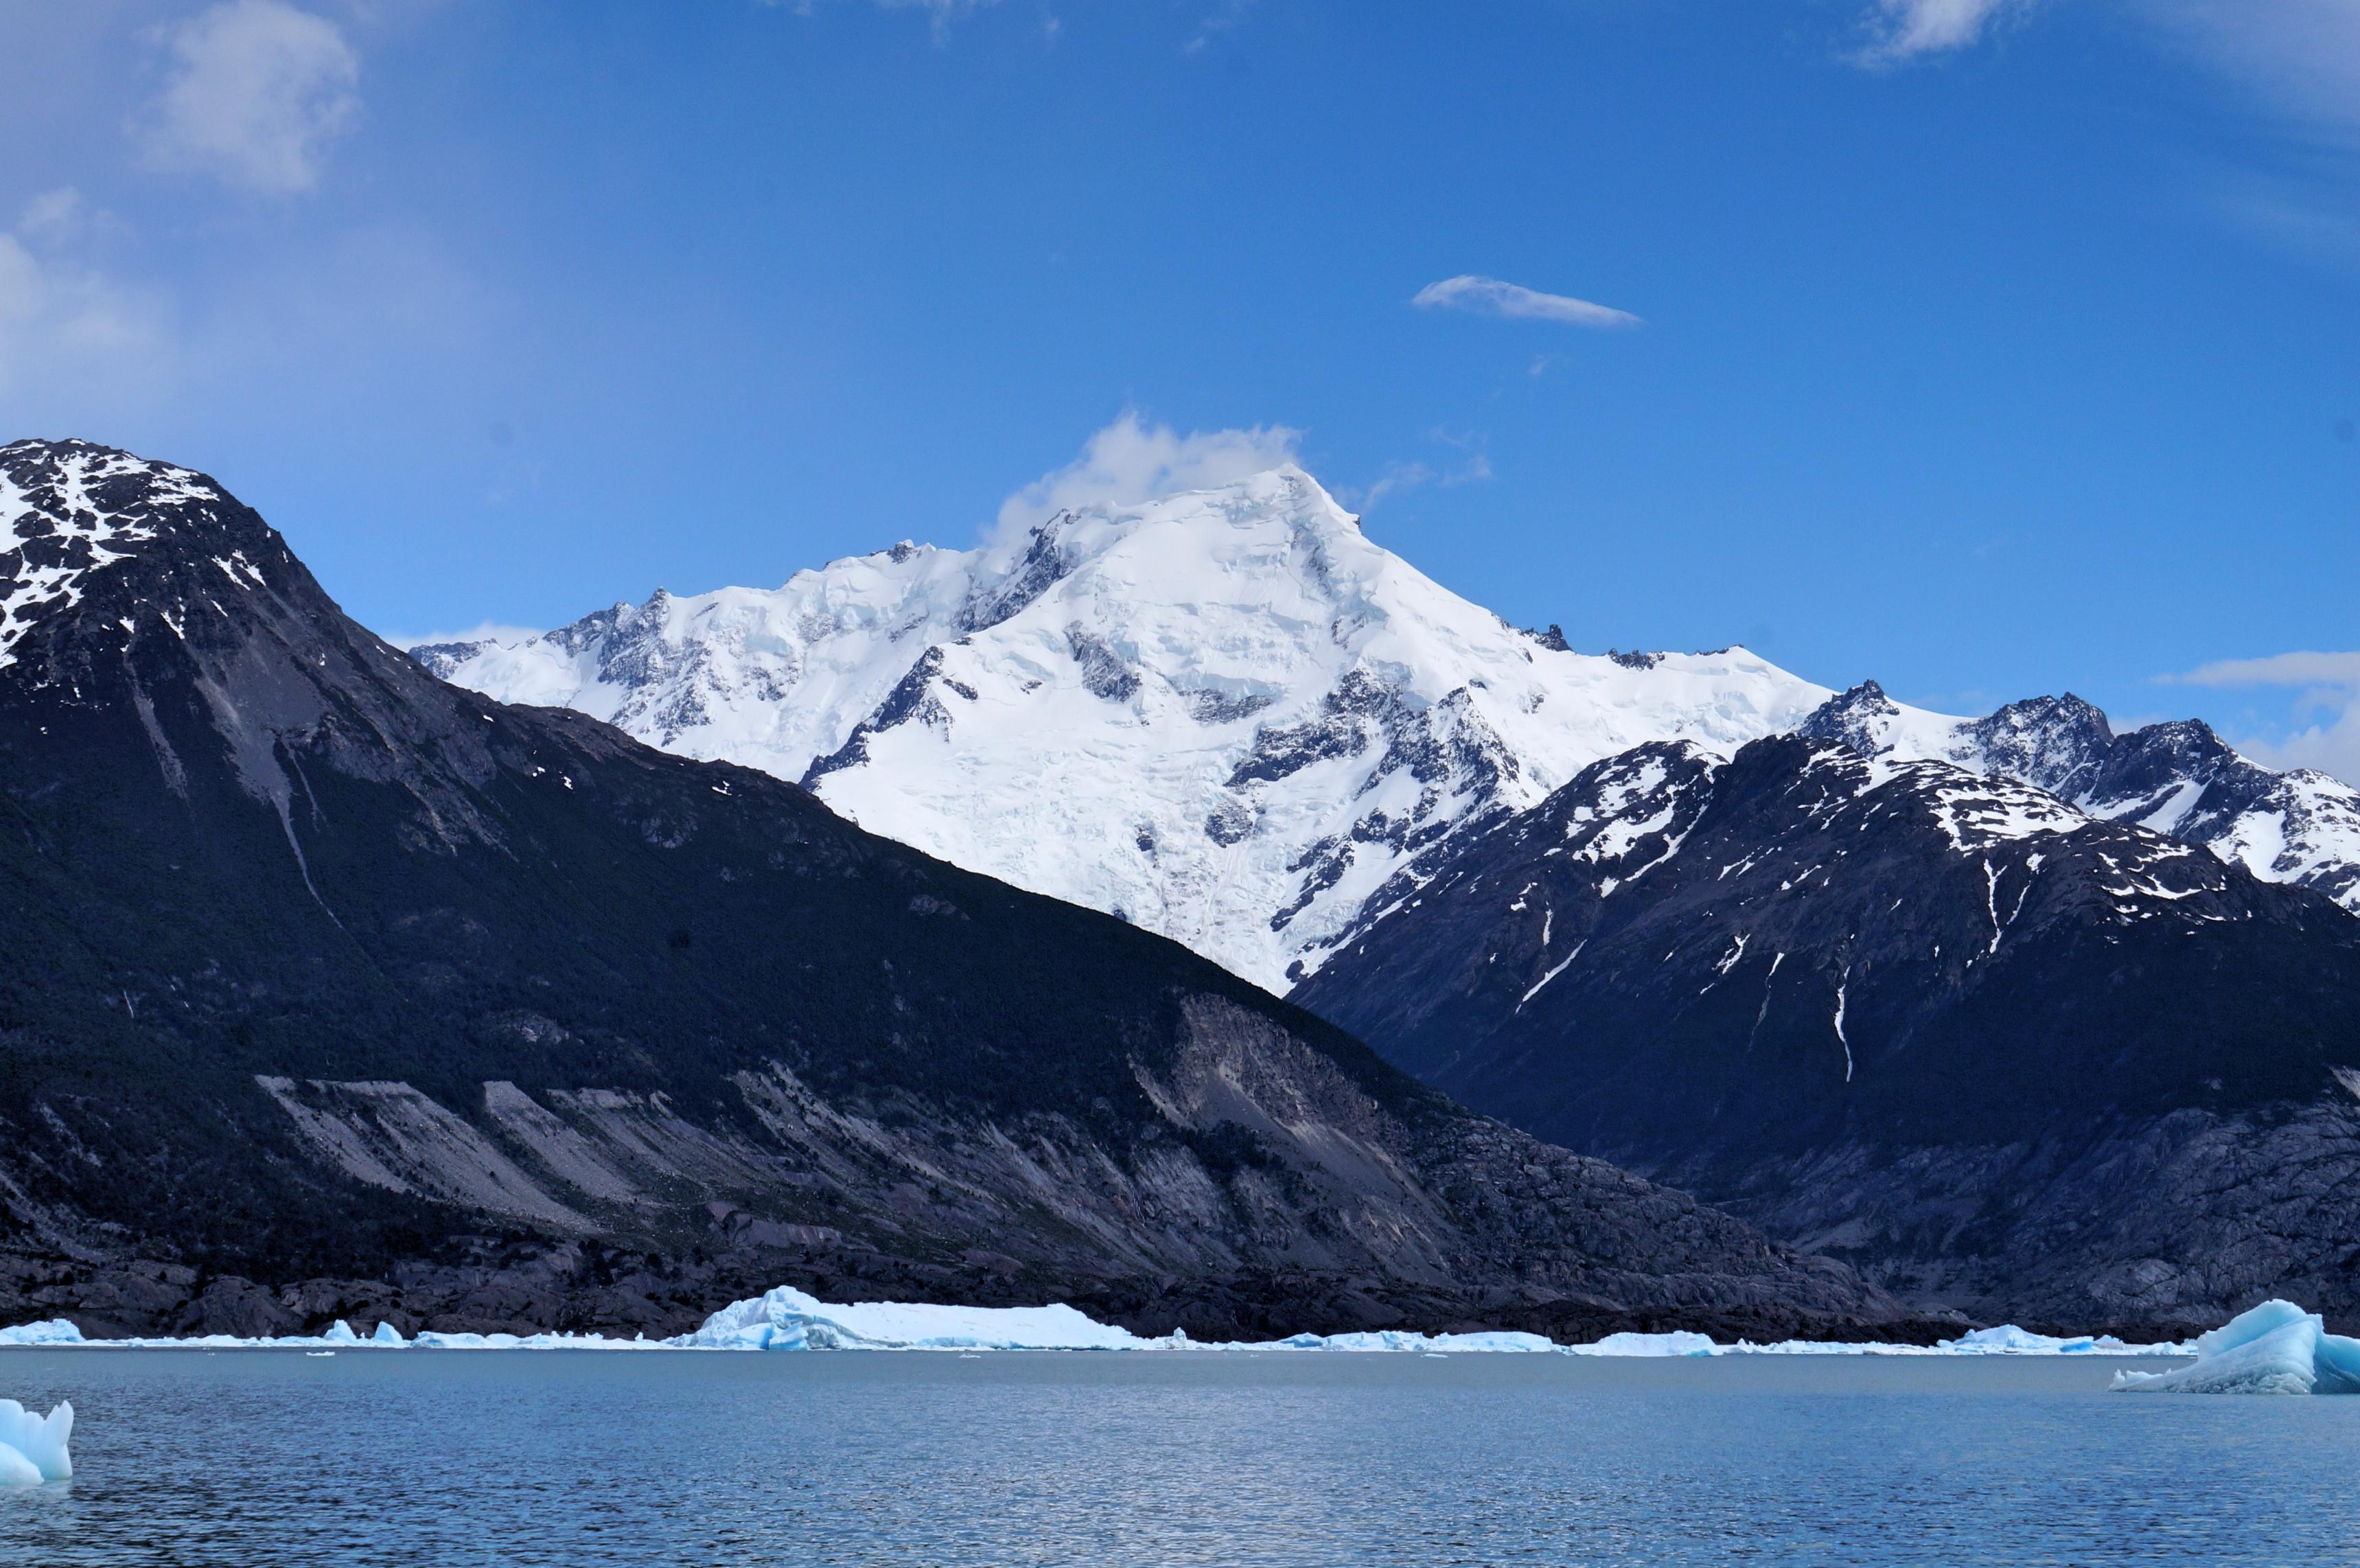 Les 5 endroits exceptionnels à découvrir dans la région des grands Glaciers de Patagonie